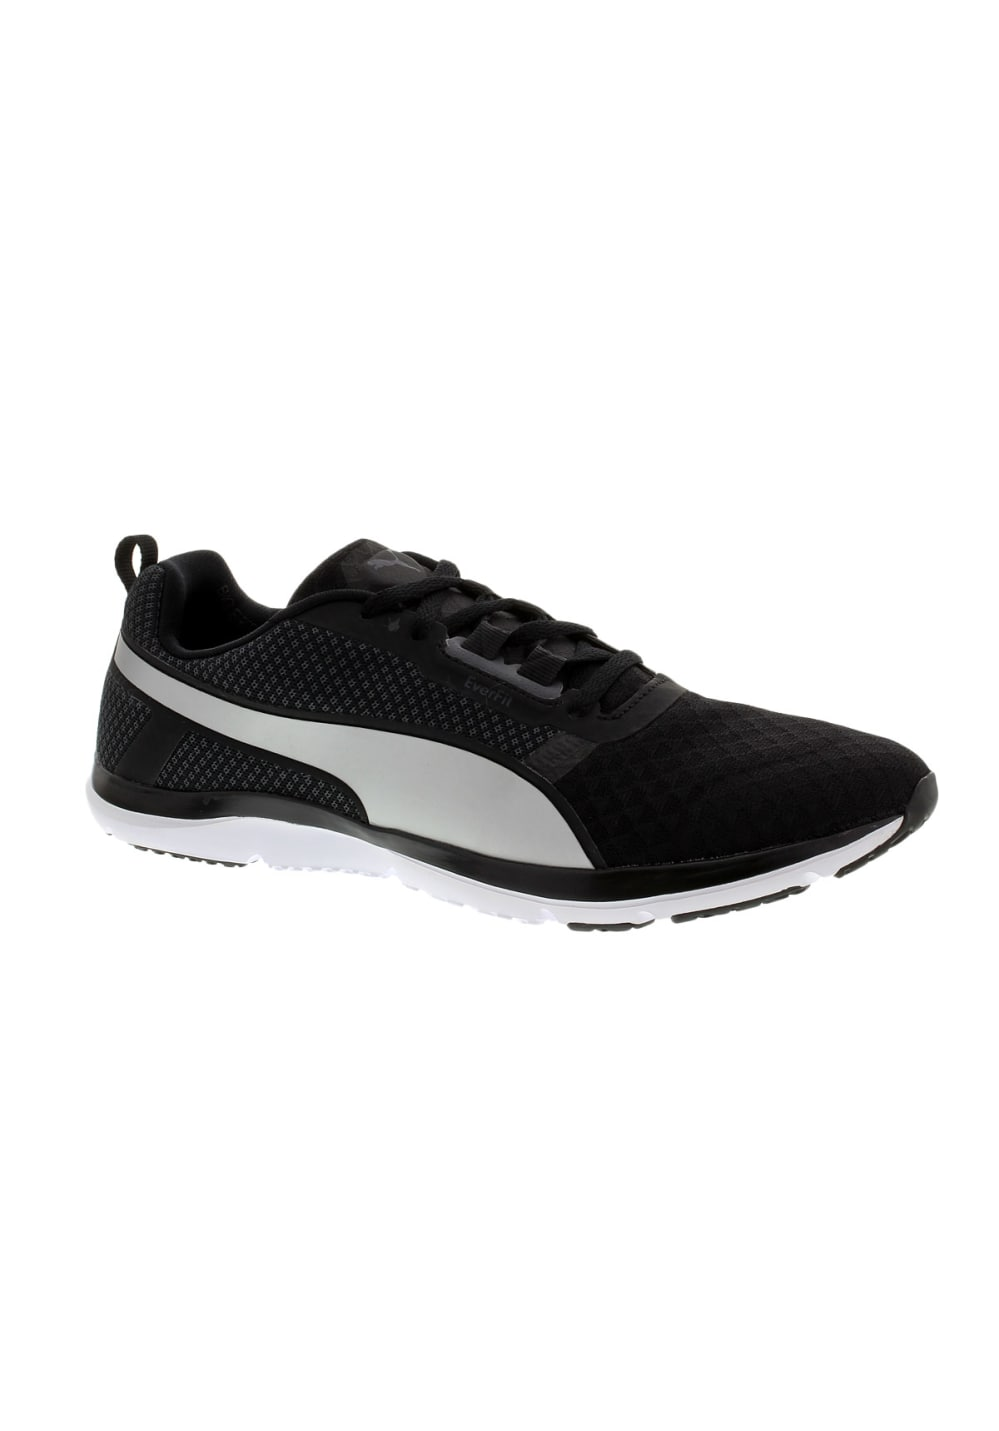 économiser d39fd c62c9 Puma Pulse Flex XT Core - Fitness shoes for Women - Black